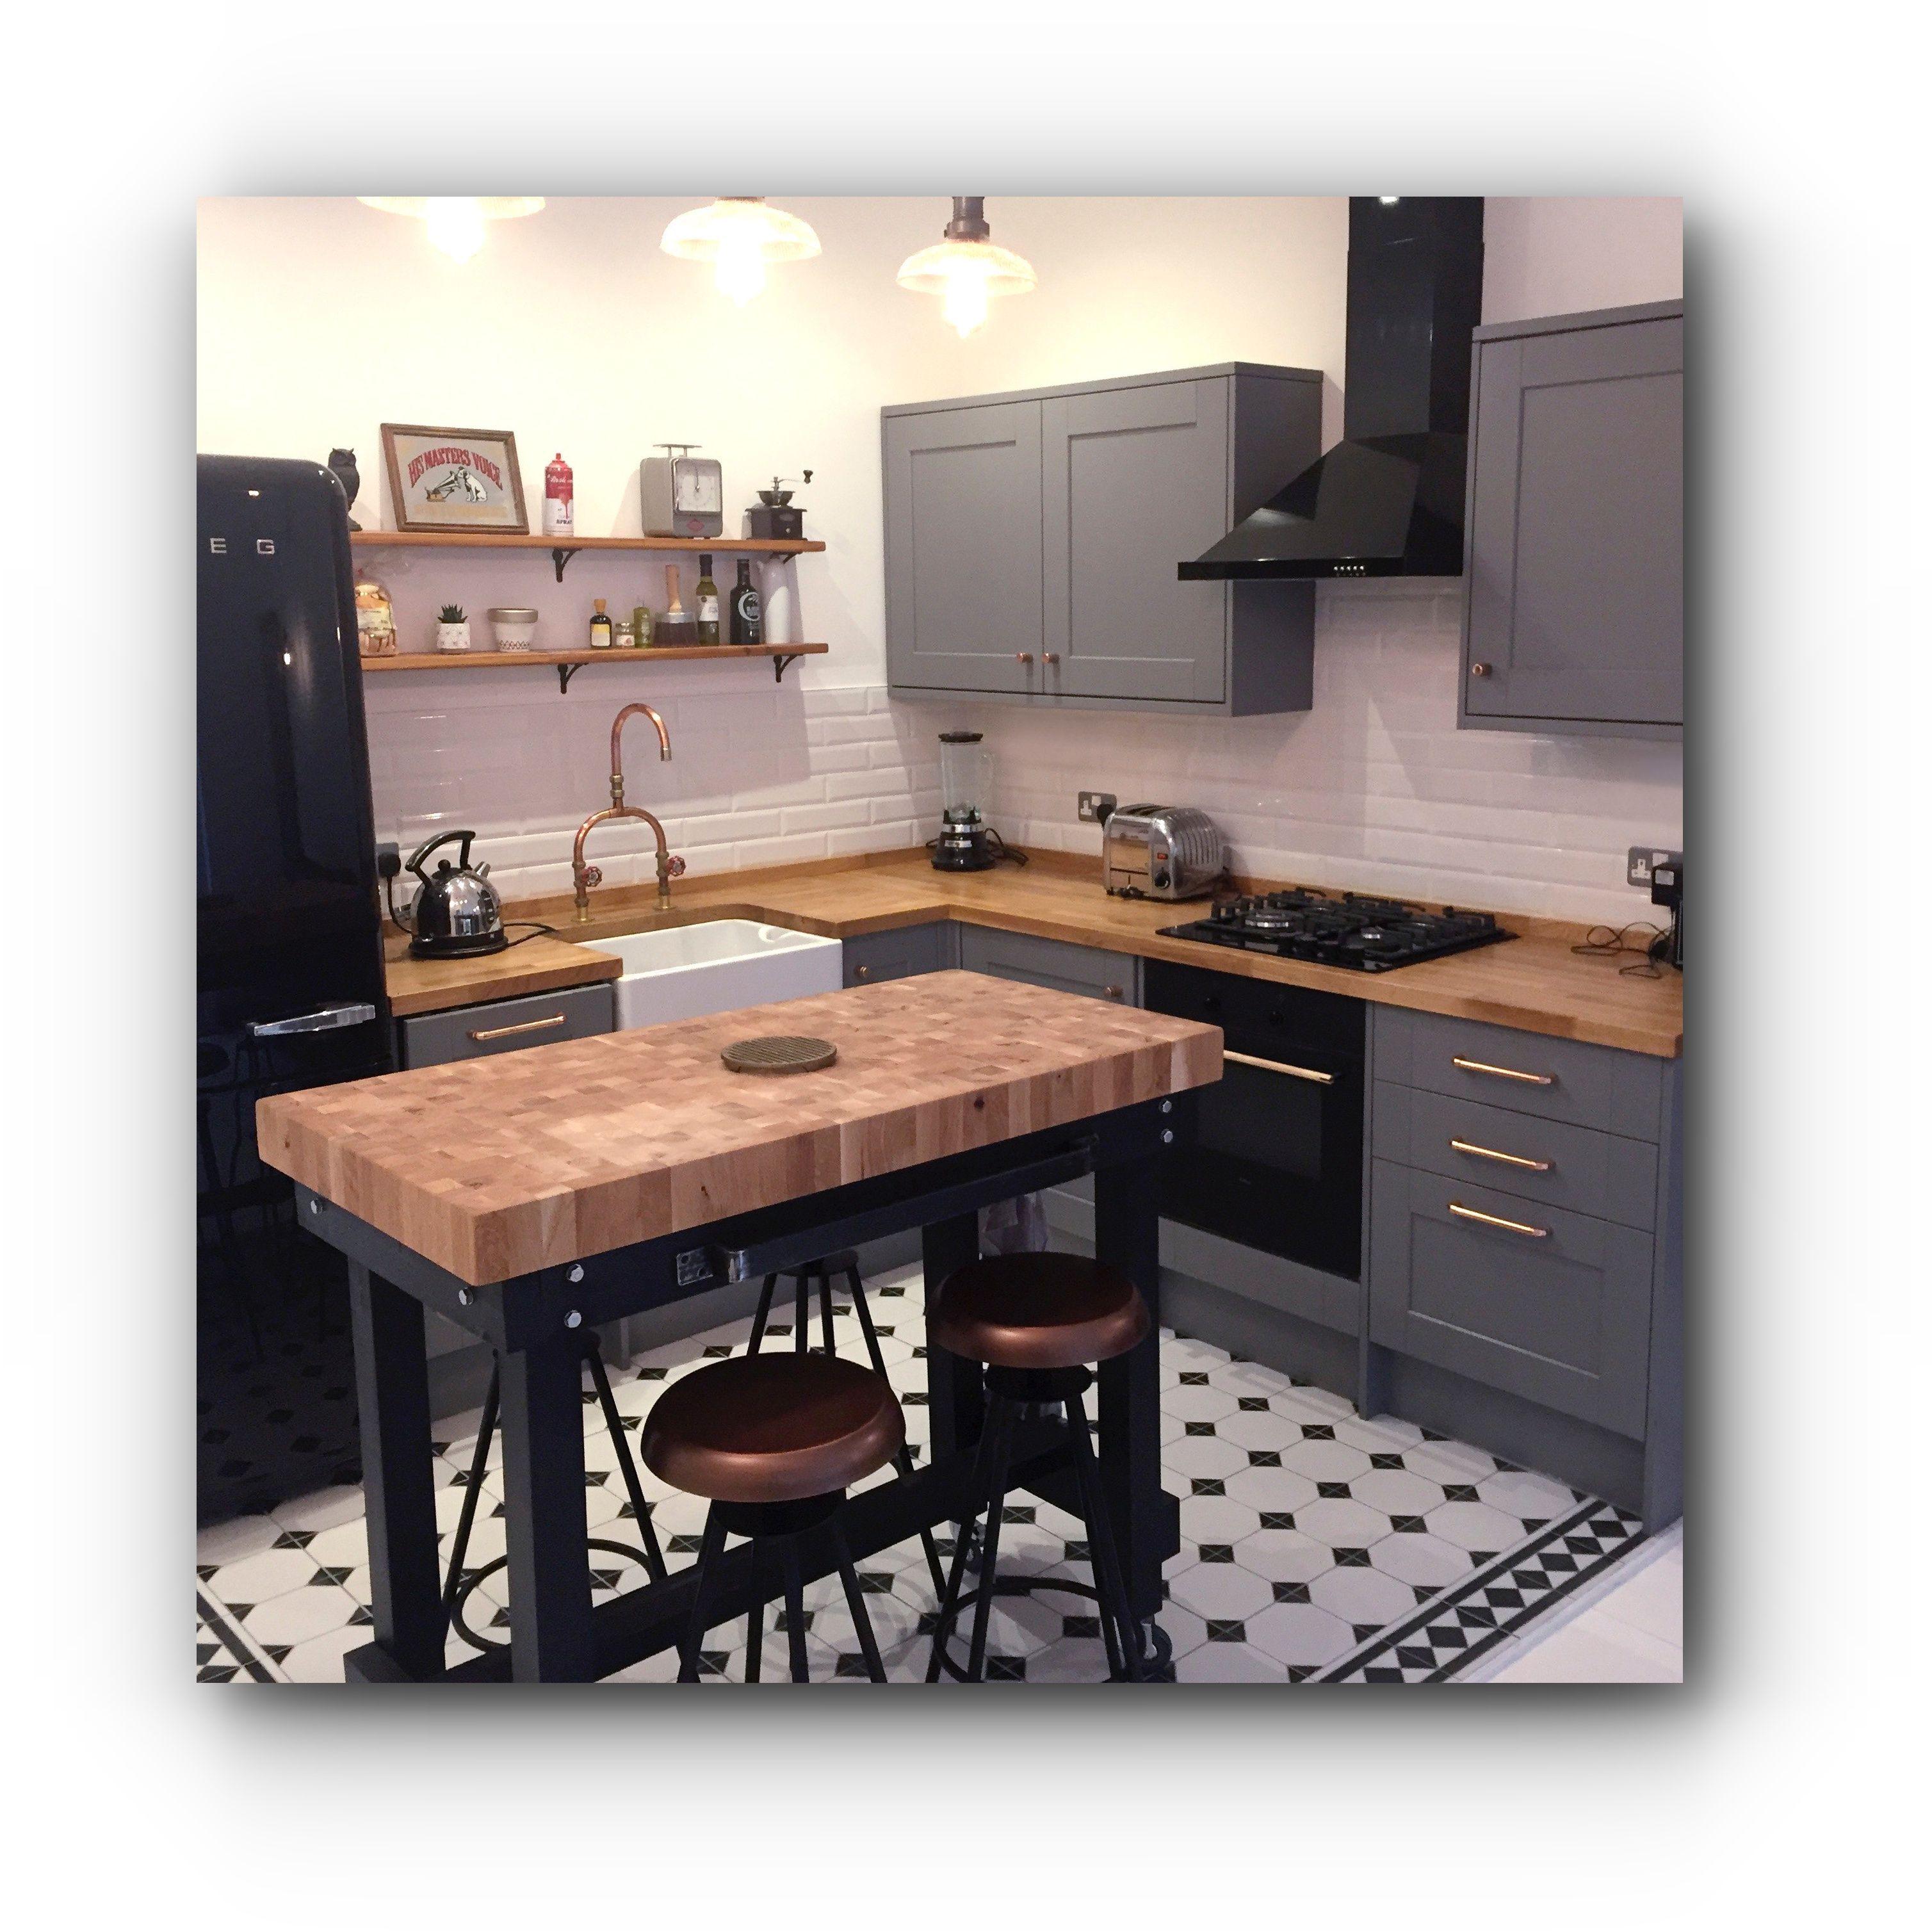 Berühmt Bilder Für Küchendesign Ideen - Ideen Für Die Küche ...